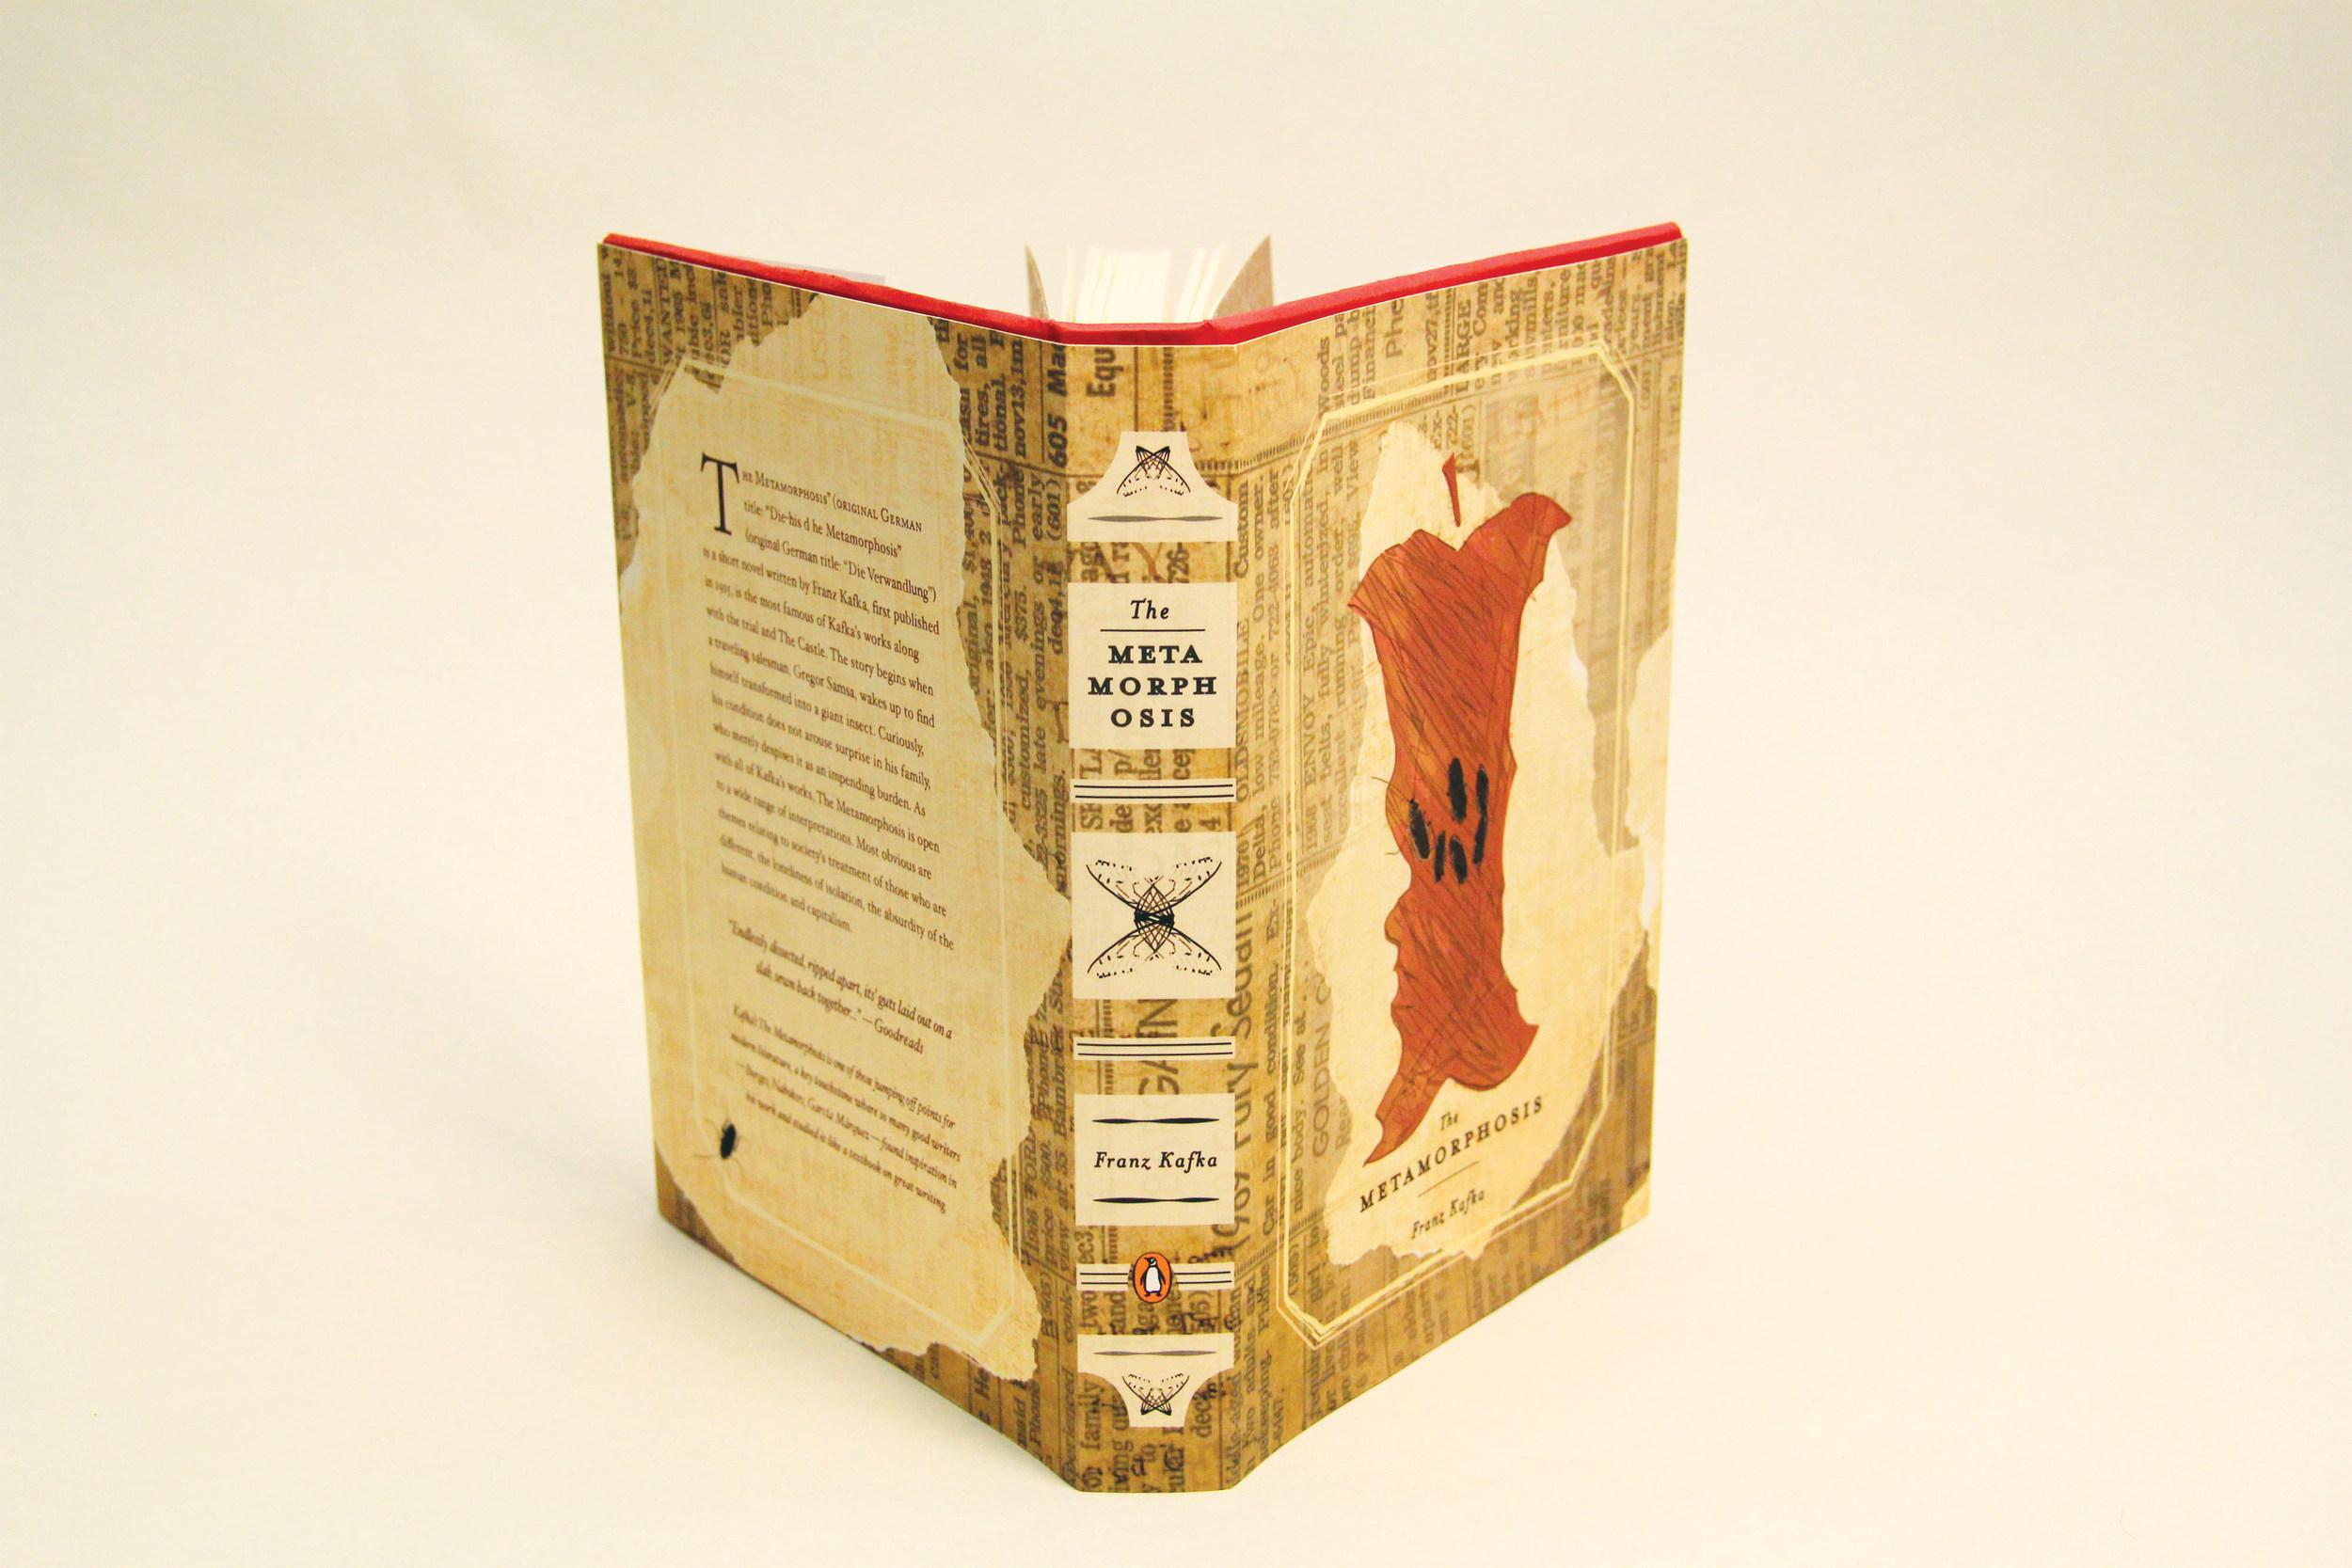 The Metamorphosis book spine